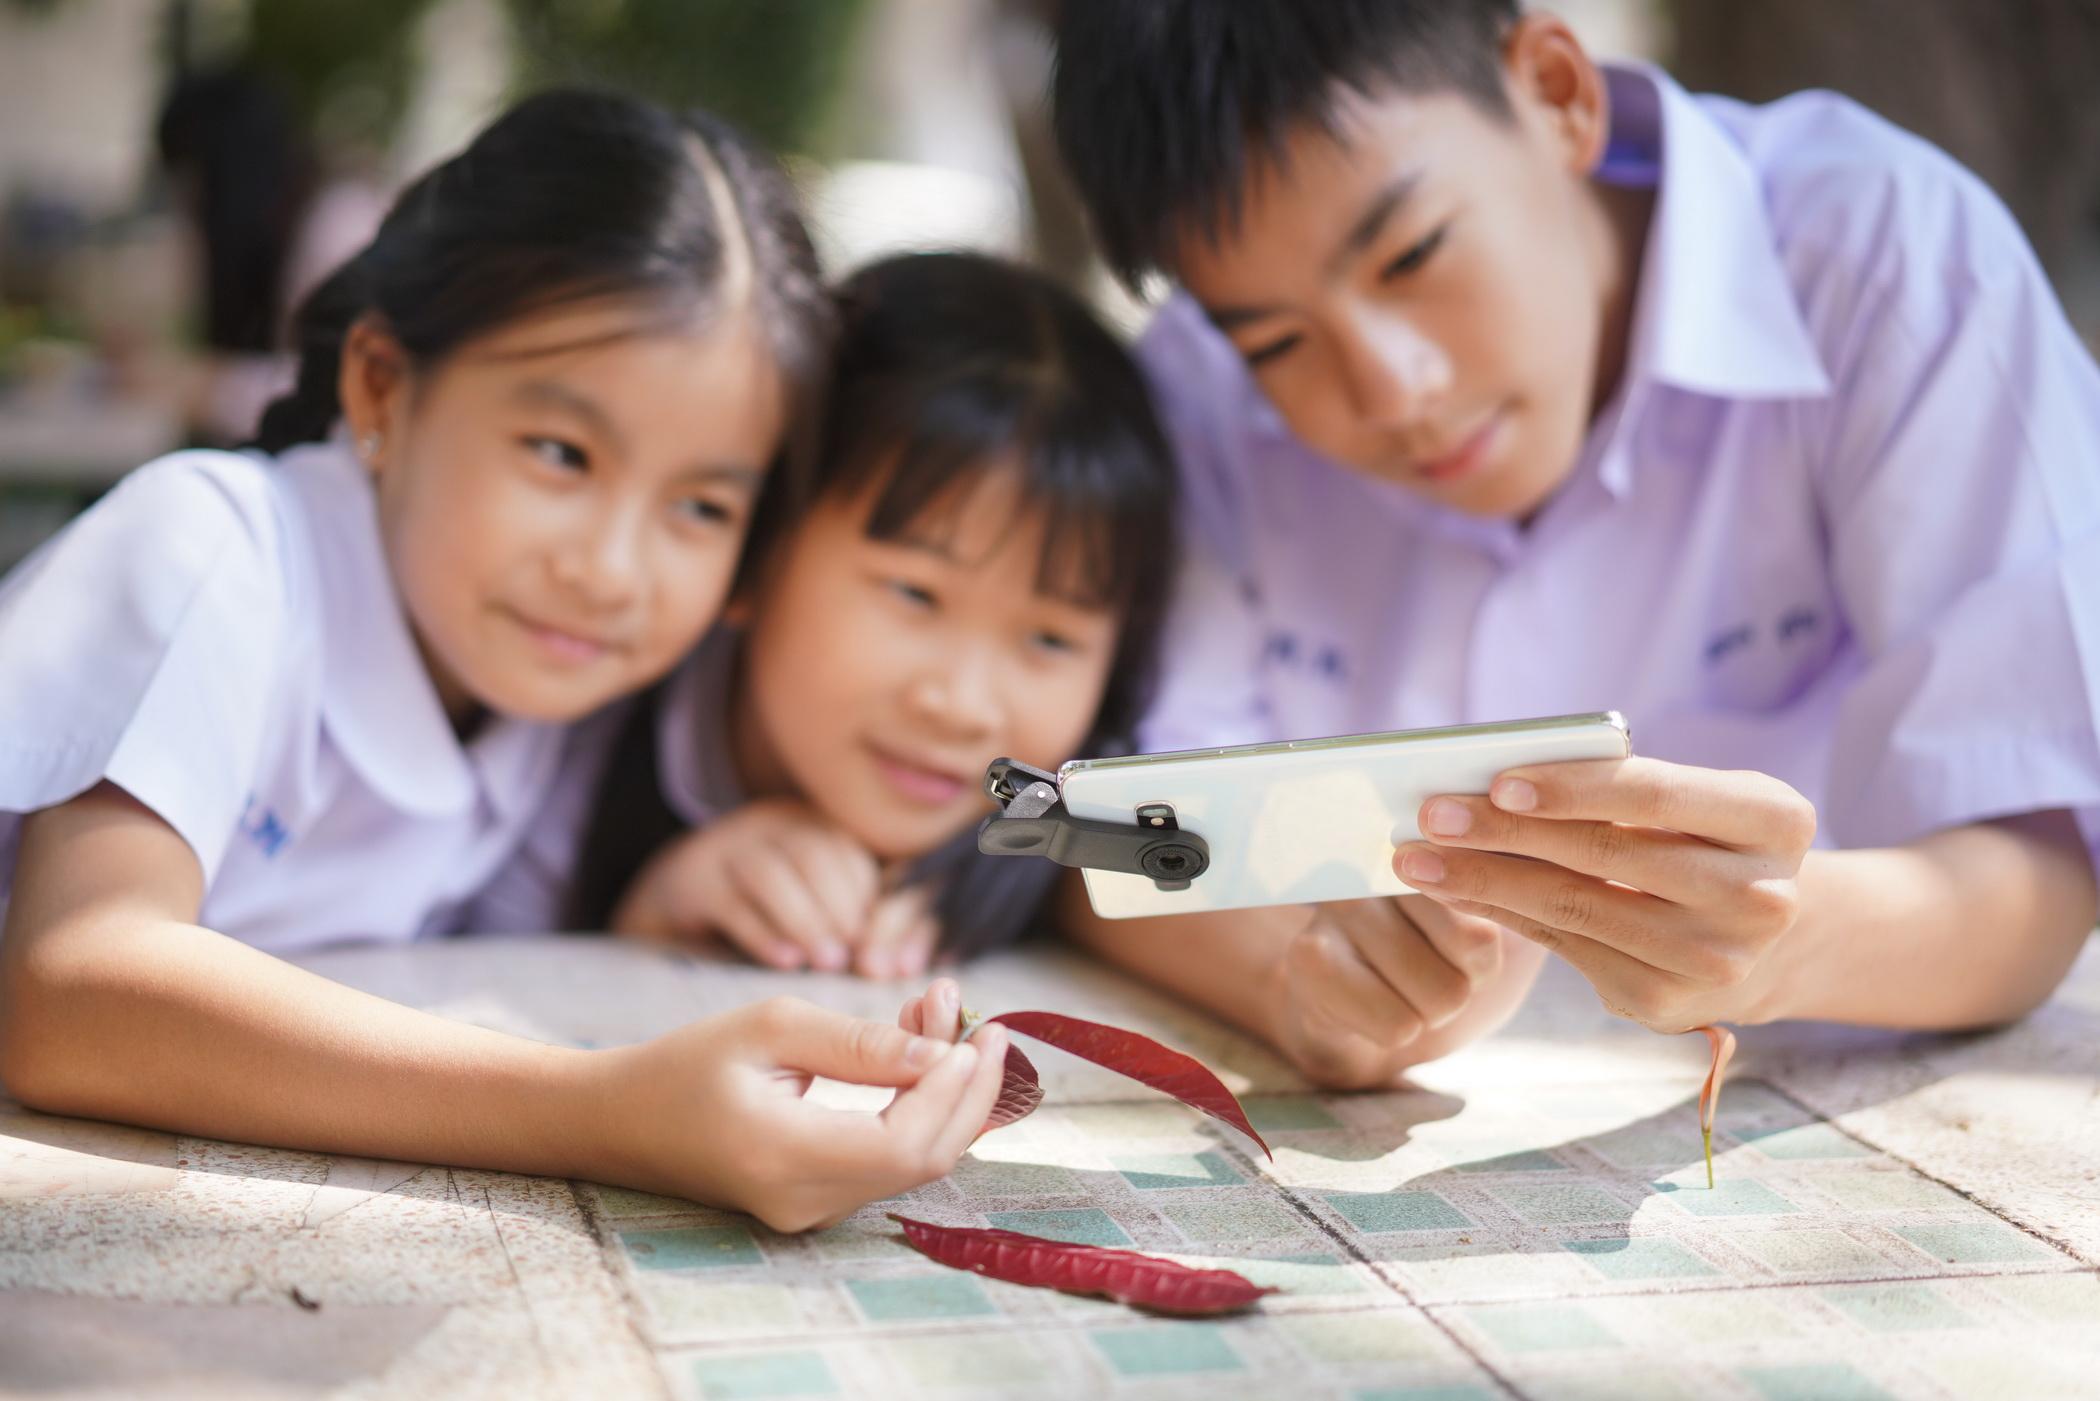 ซัมซุงร่วมสนับสนุนโครงการพัฒนากล้องจุลทรรศน์จากสมาร์ทโฟน โดยคณะวิทย์ จุฬาฯ ส่งเสริมการศึกษาวิทยาศาสตร์ใน 2,500 โรงเรียนชายขอบทั่วประเทศ